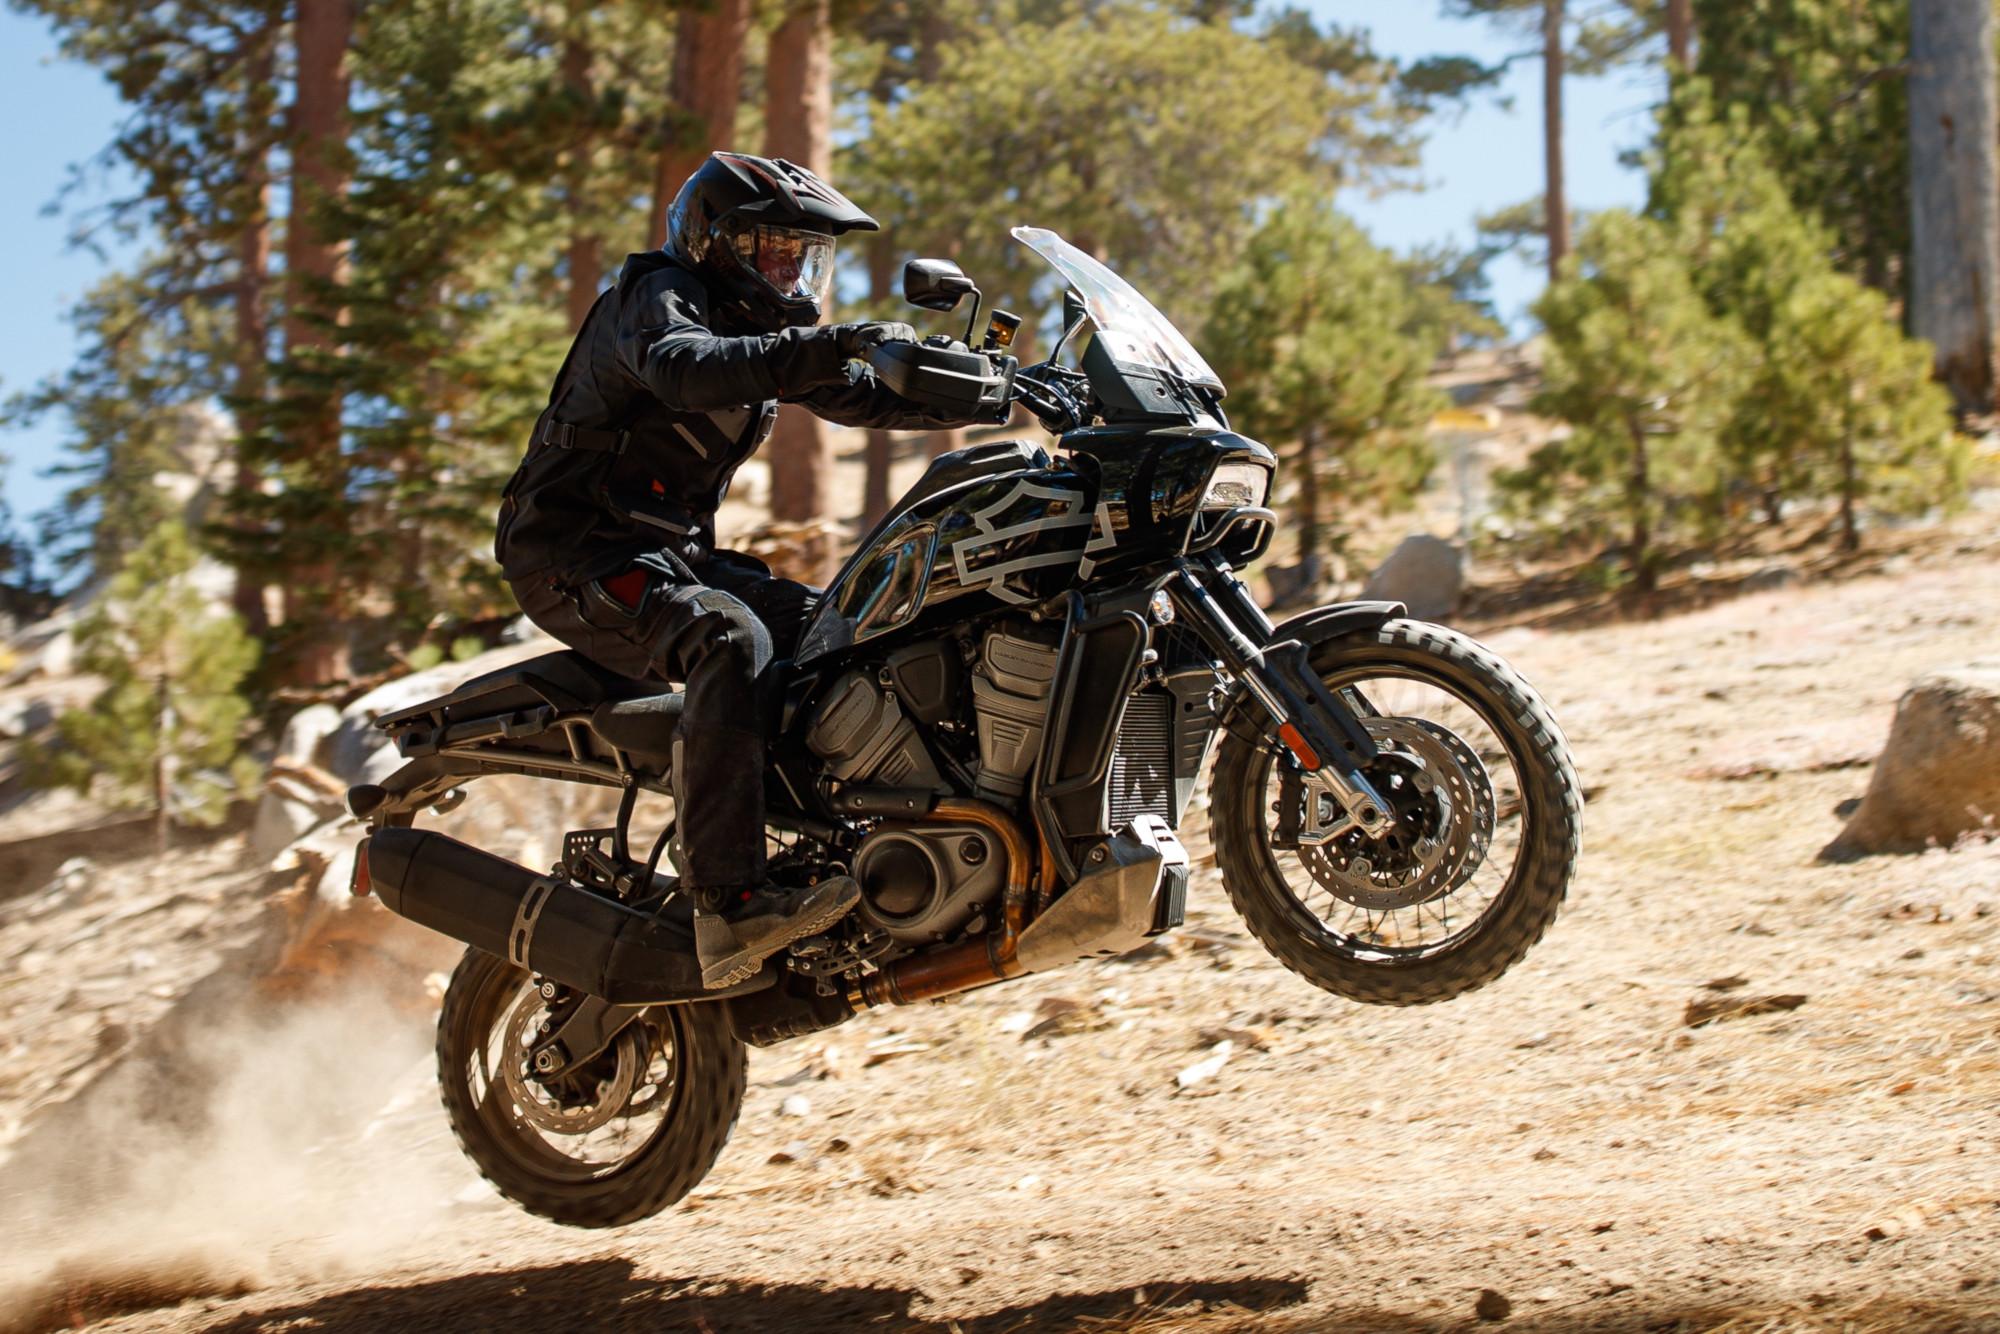 Pan America Adventure Touring y Bronx Streetfighter, las novedades de Harley-Davidson